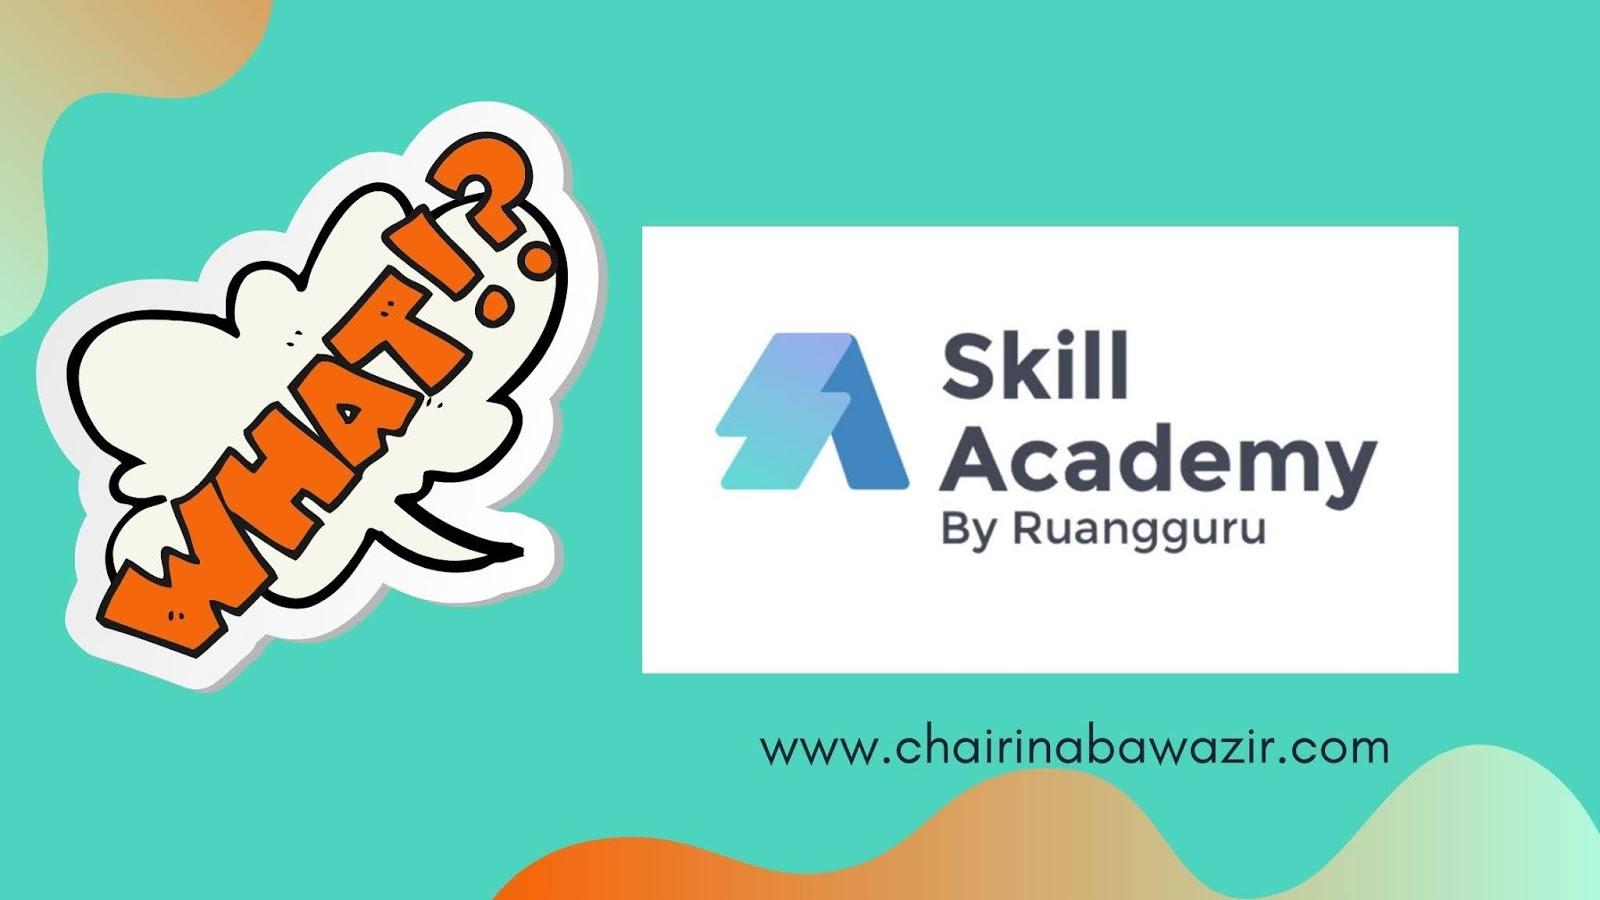 Skill-academy-by-ruangguru